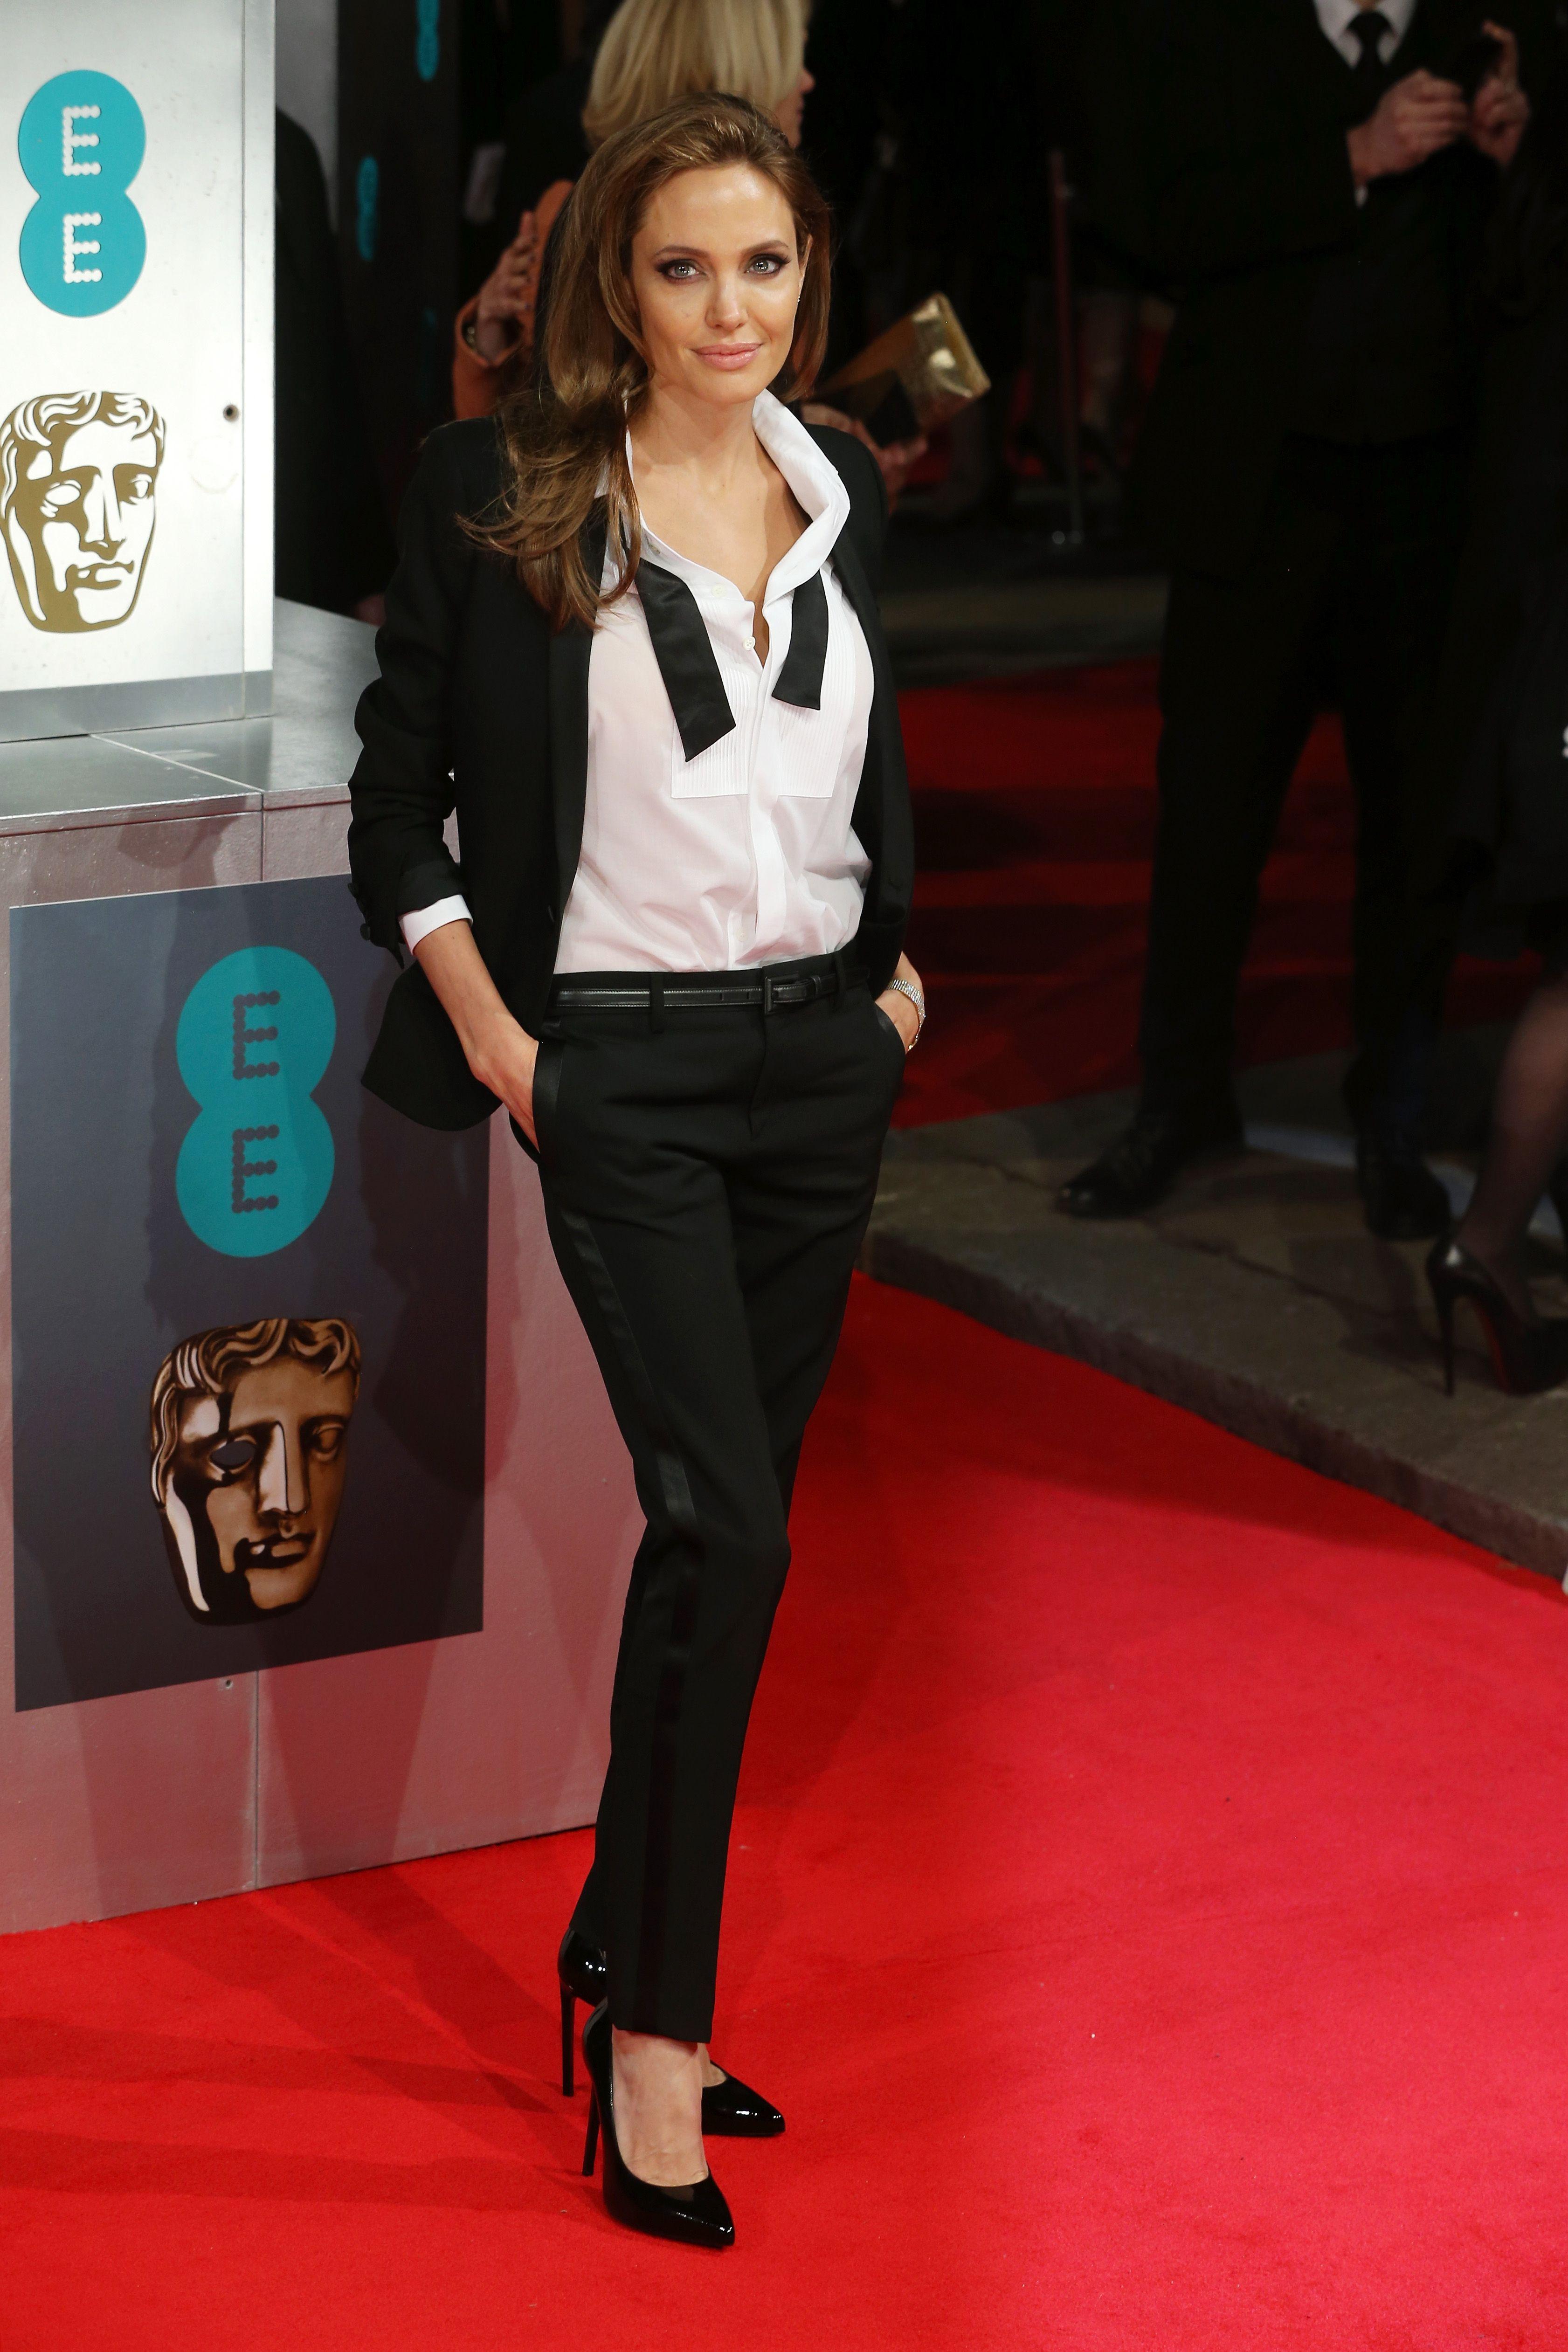 a707e1269f2 Angelina Jolie s Style - Angelina Jolie s Most Fashionable Outfits